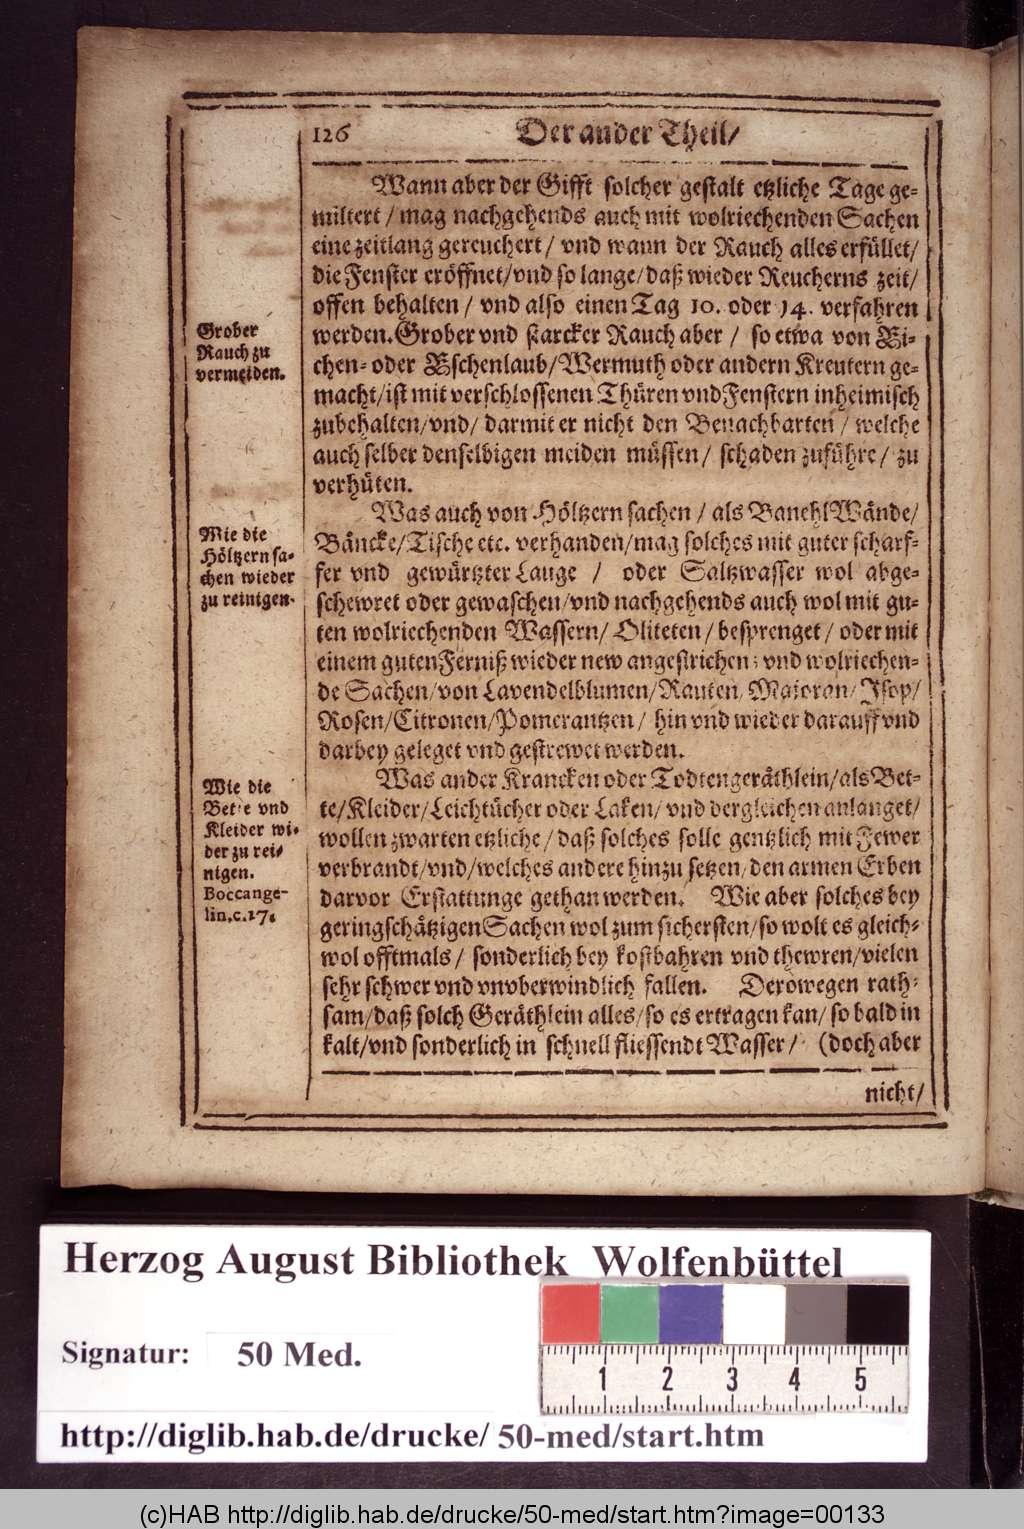 http://diglib.hab.de/drucke/50-med/00133.jpg